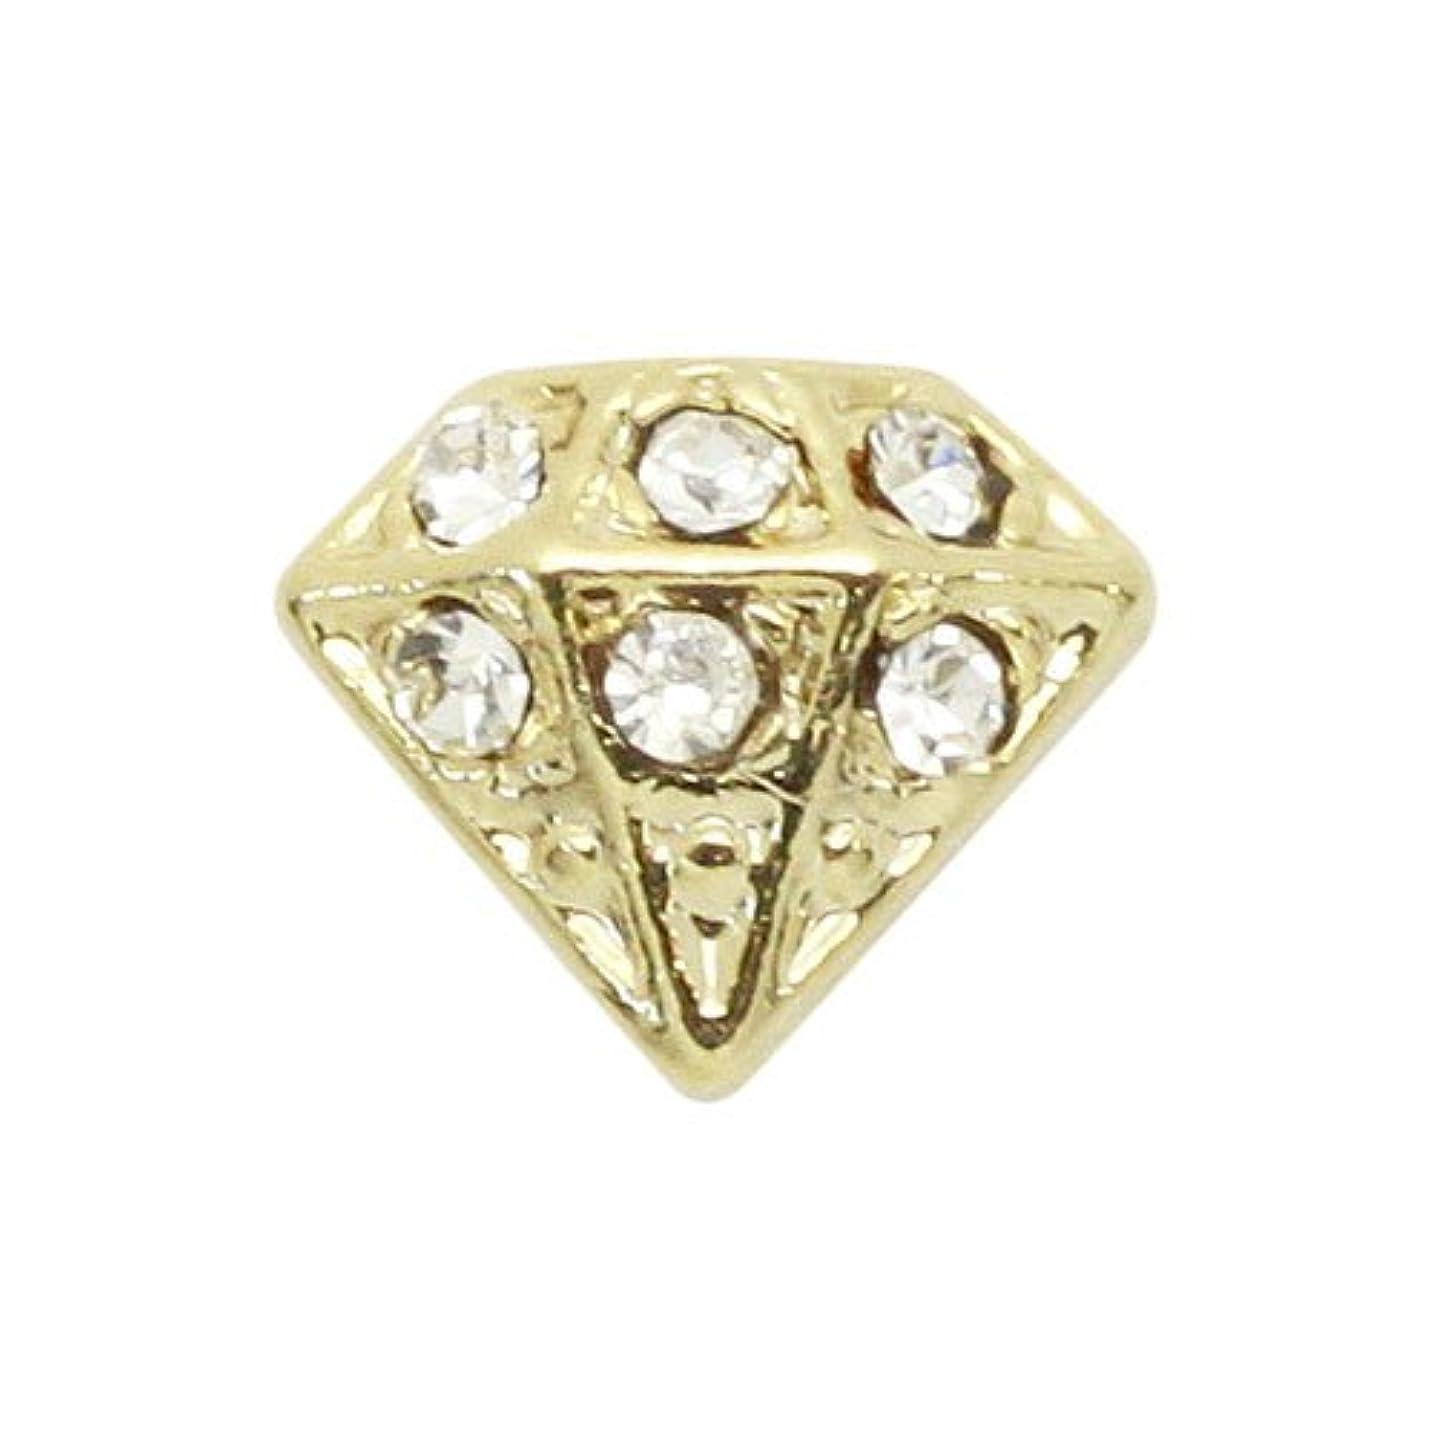 節約省略オリエンテーションエムプティ ネイルパーツ ダイアモンド A191 1個